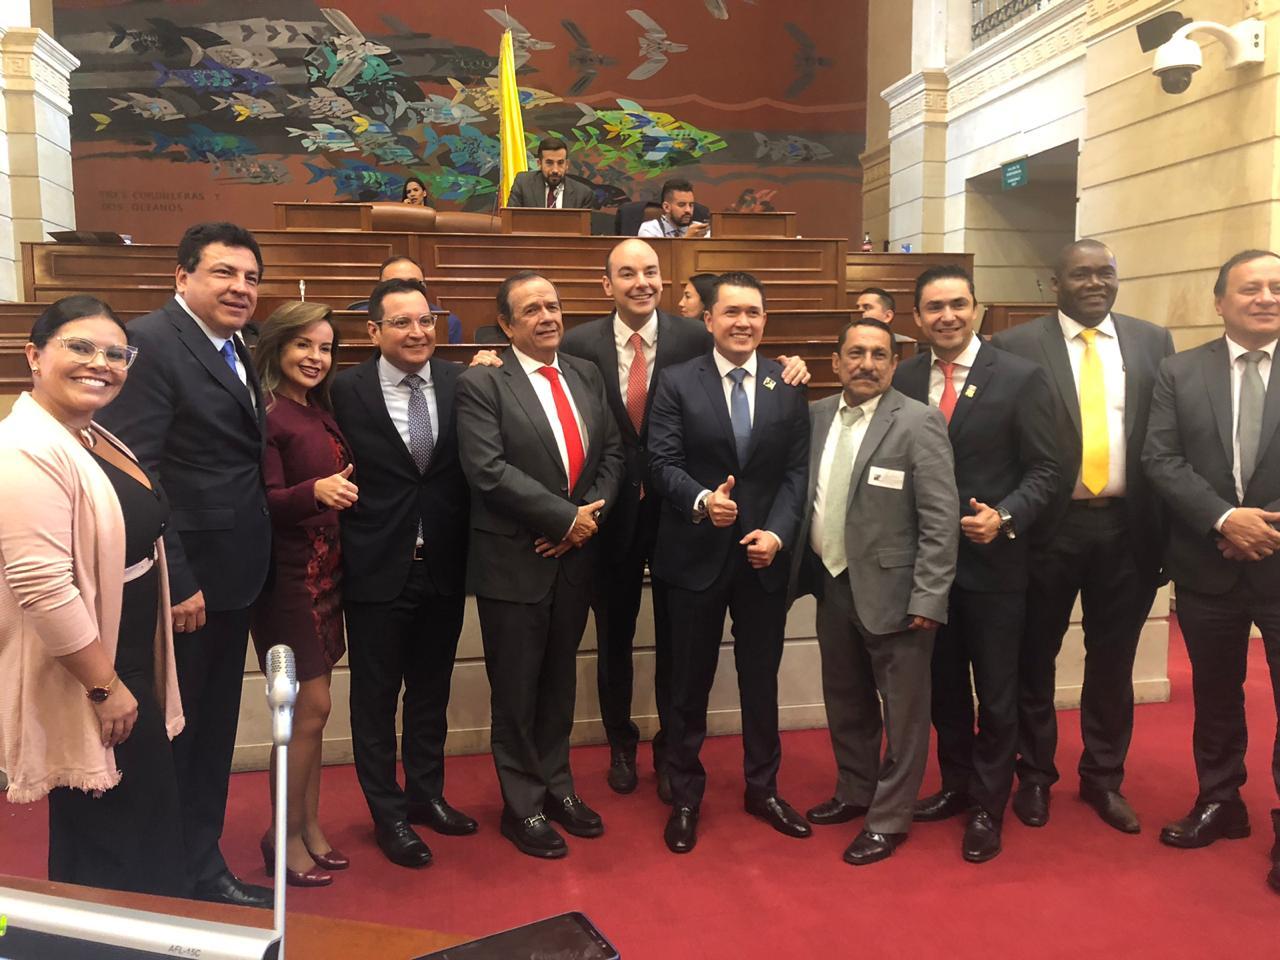 Creación de Distrito Turístico y portuario en Barrancabermeja pasó a sanción presidencial  | EL FRENTE